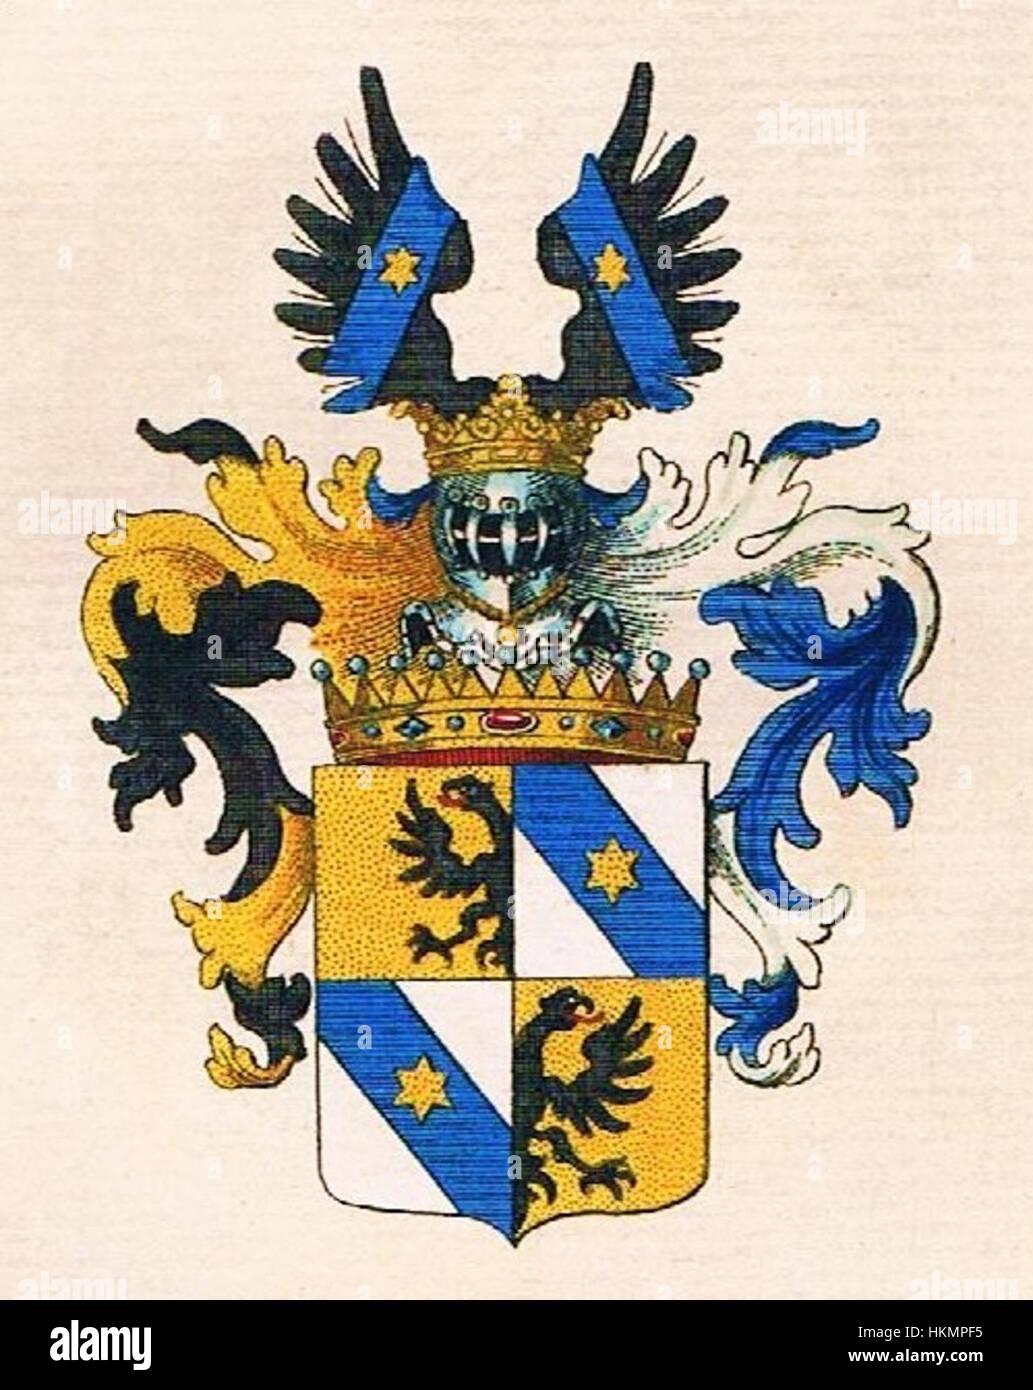 Alberti von Enno-Grafen-Wappen - Stock Image